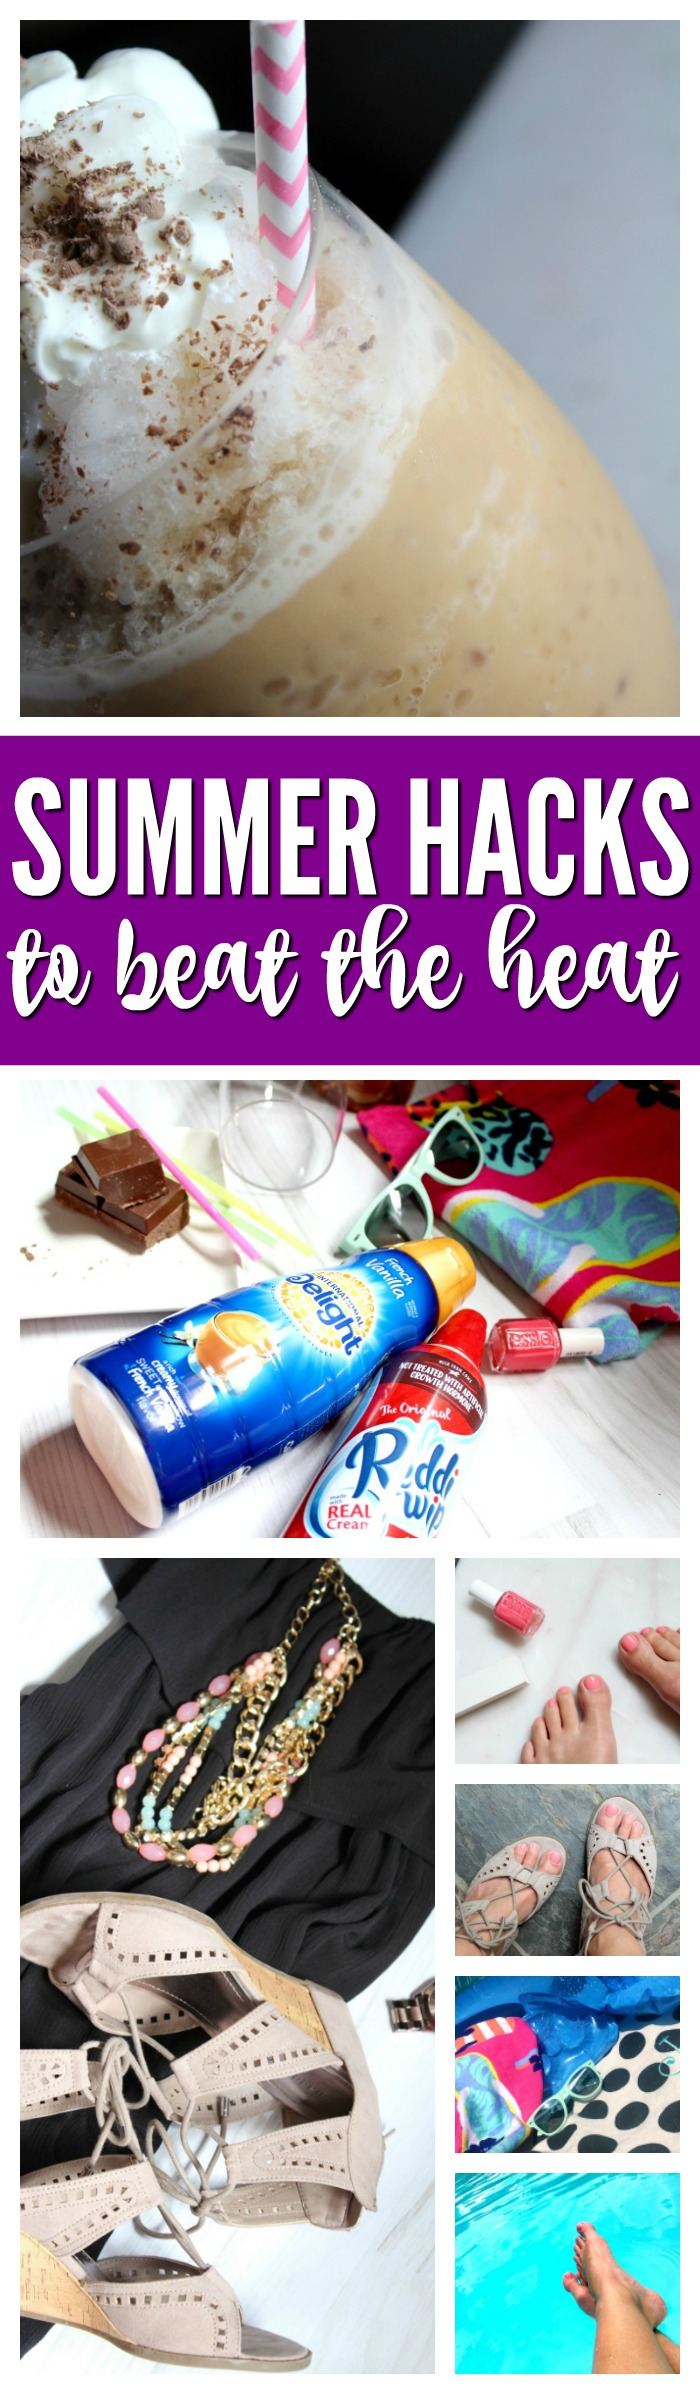 Summer Hacks